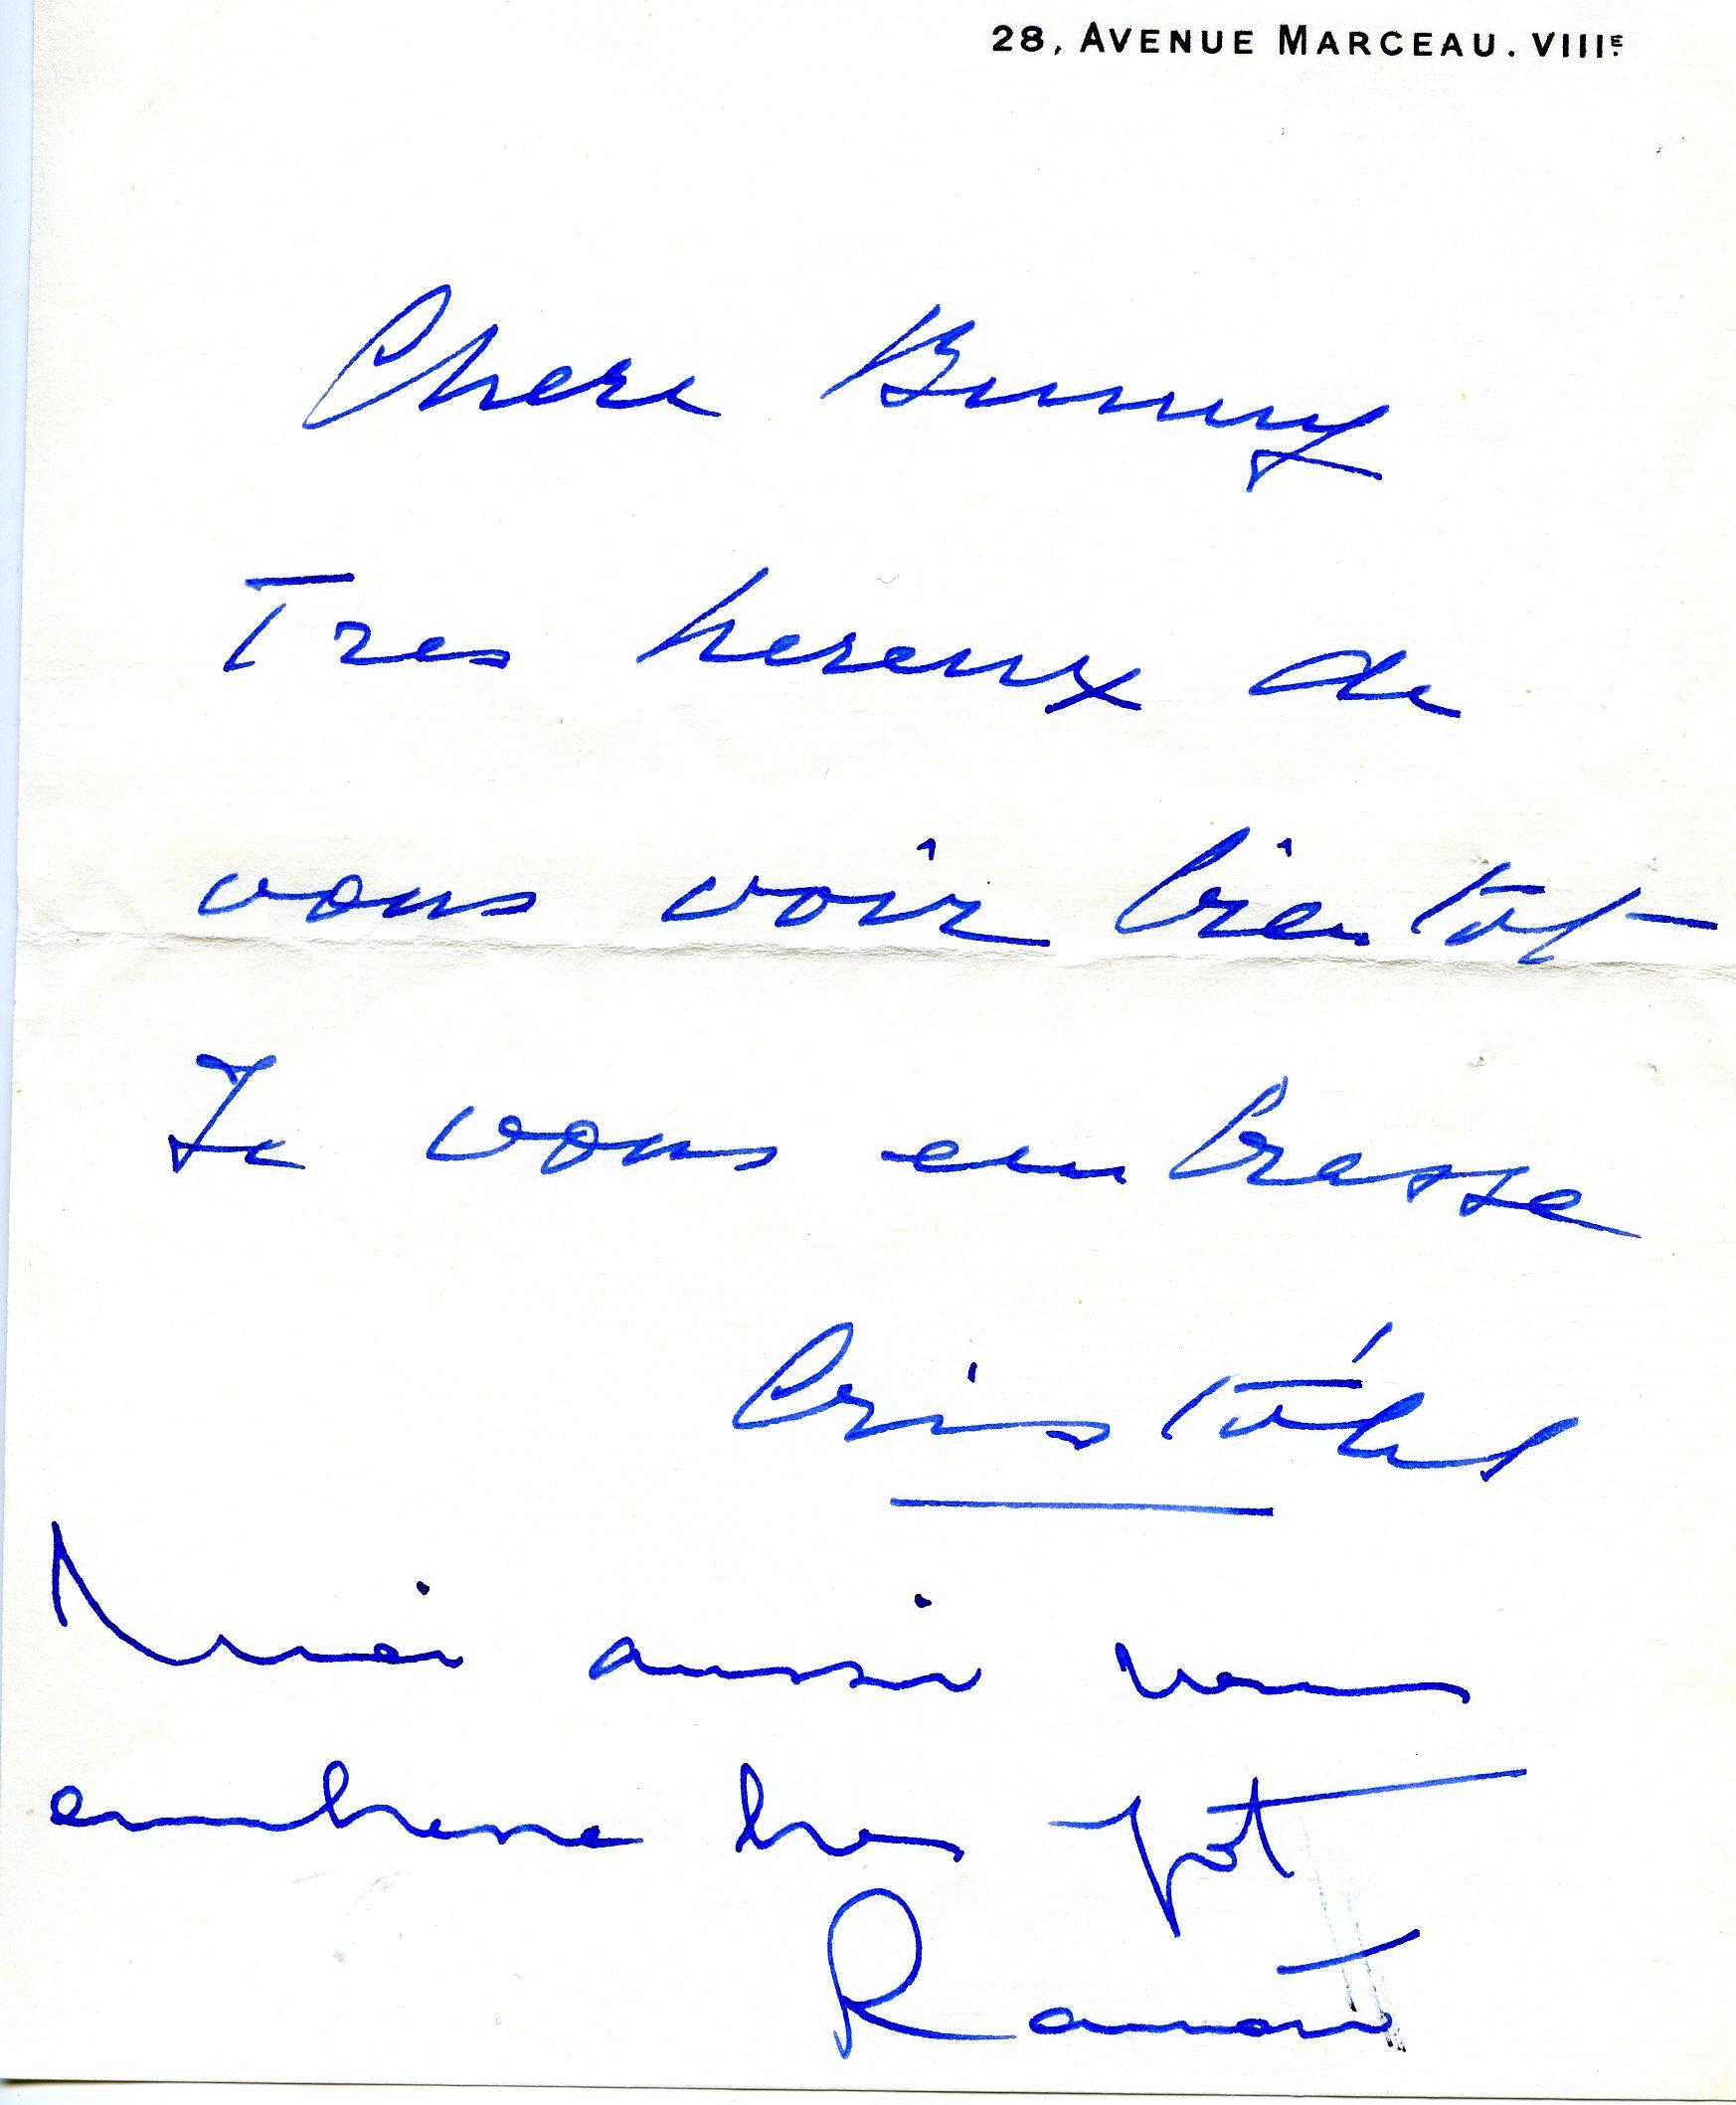 Nota escrita por Cristobal Balenciaga y Ramon Esparza a madame Paul Mellon.